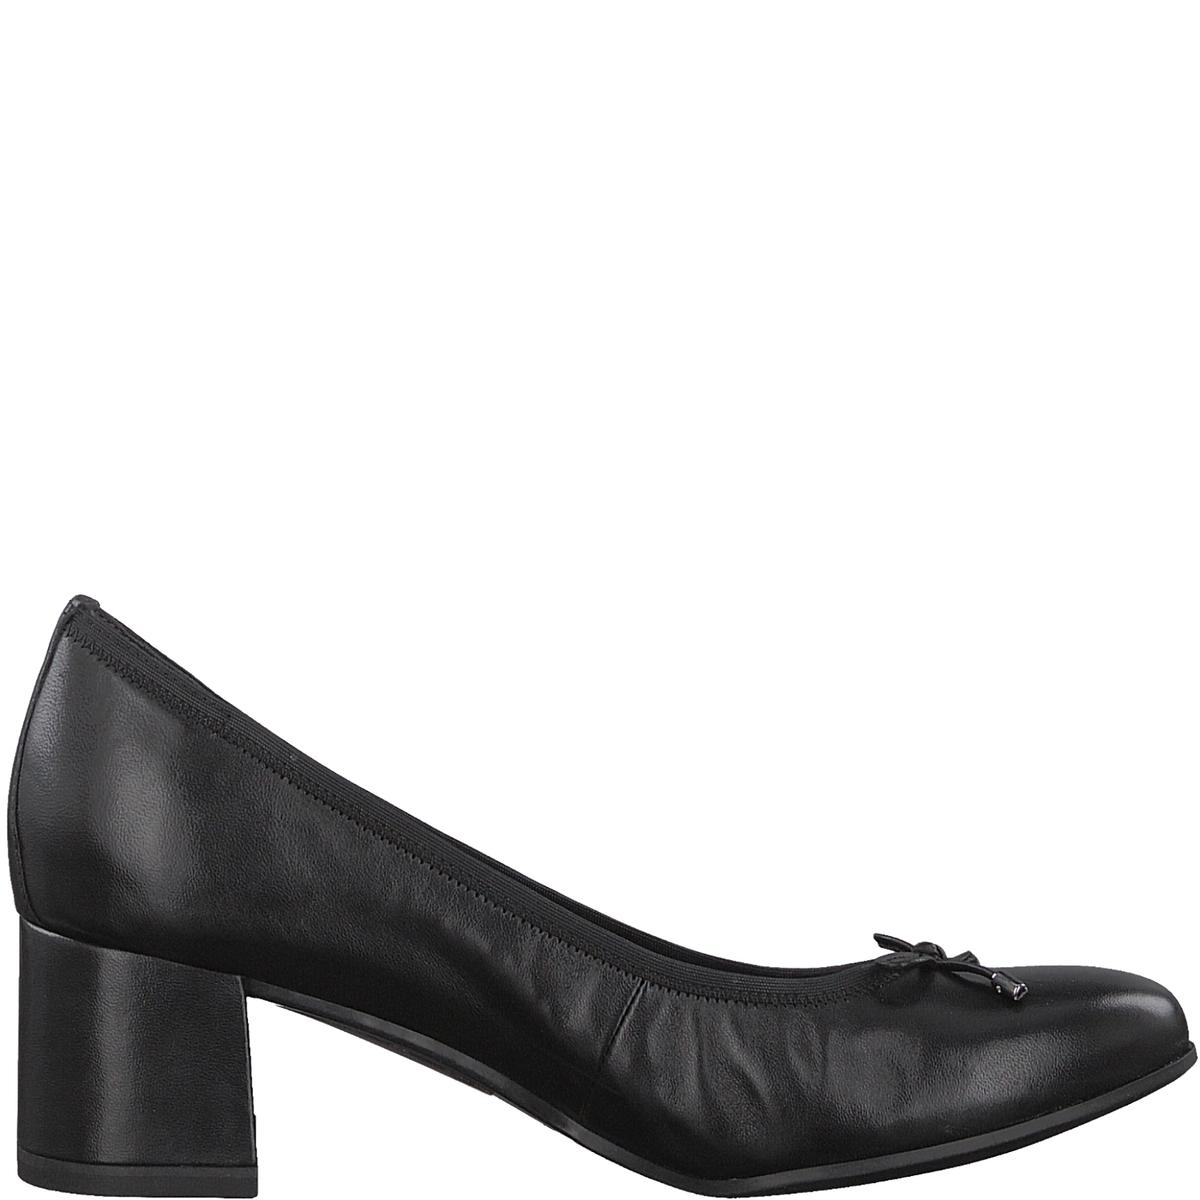 Туфли кожаные RommyДетали •  Широкий каблук •  Высота каблука : 5 см •  Застежка : без застежки •  Круглый мысокСостав и уход • Верх 100% овечья кожа •  Подкладка 50% синтетического материала, 50% текстиля •  Стелька 100% кожа<br><br>Цвет: черный<br>Размер: 36.39.38